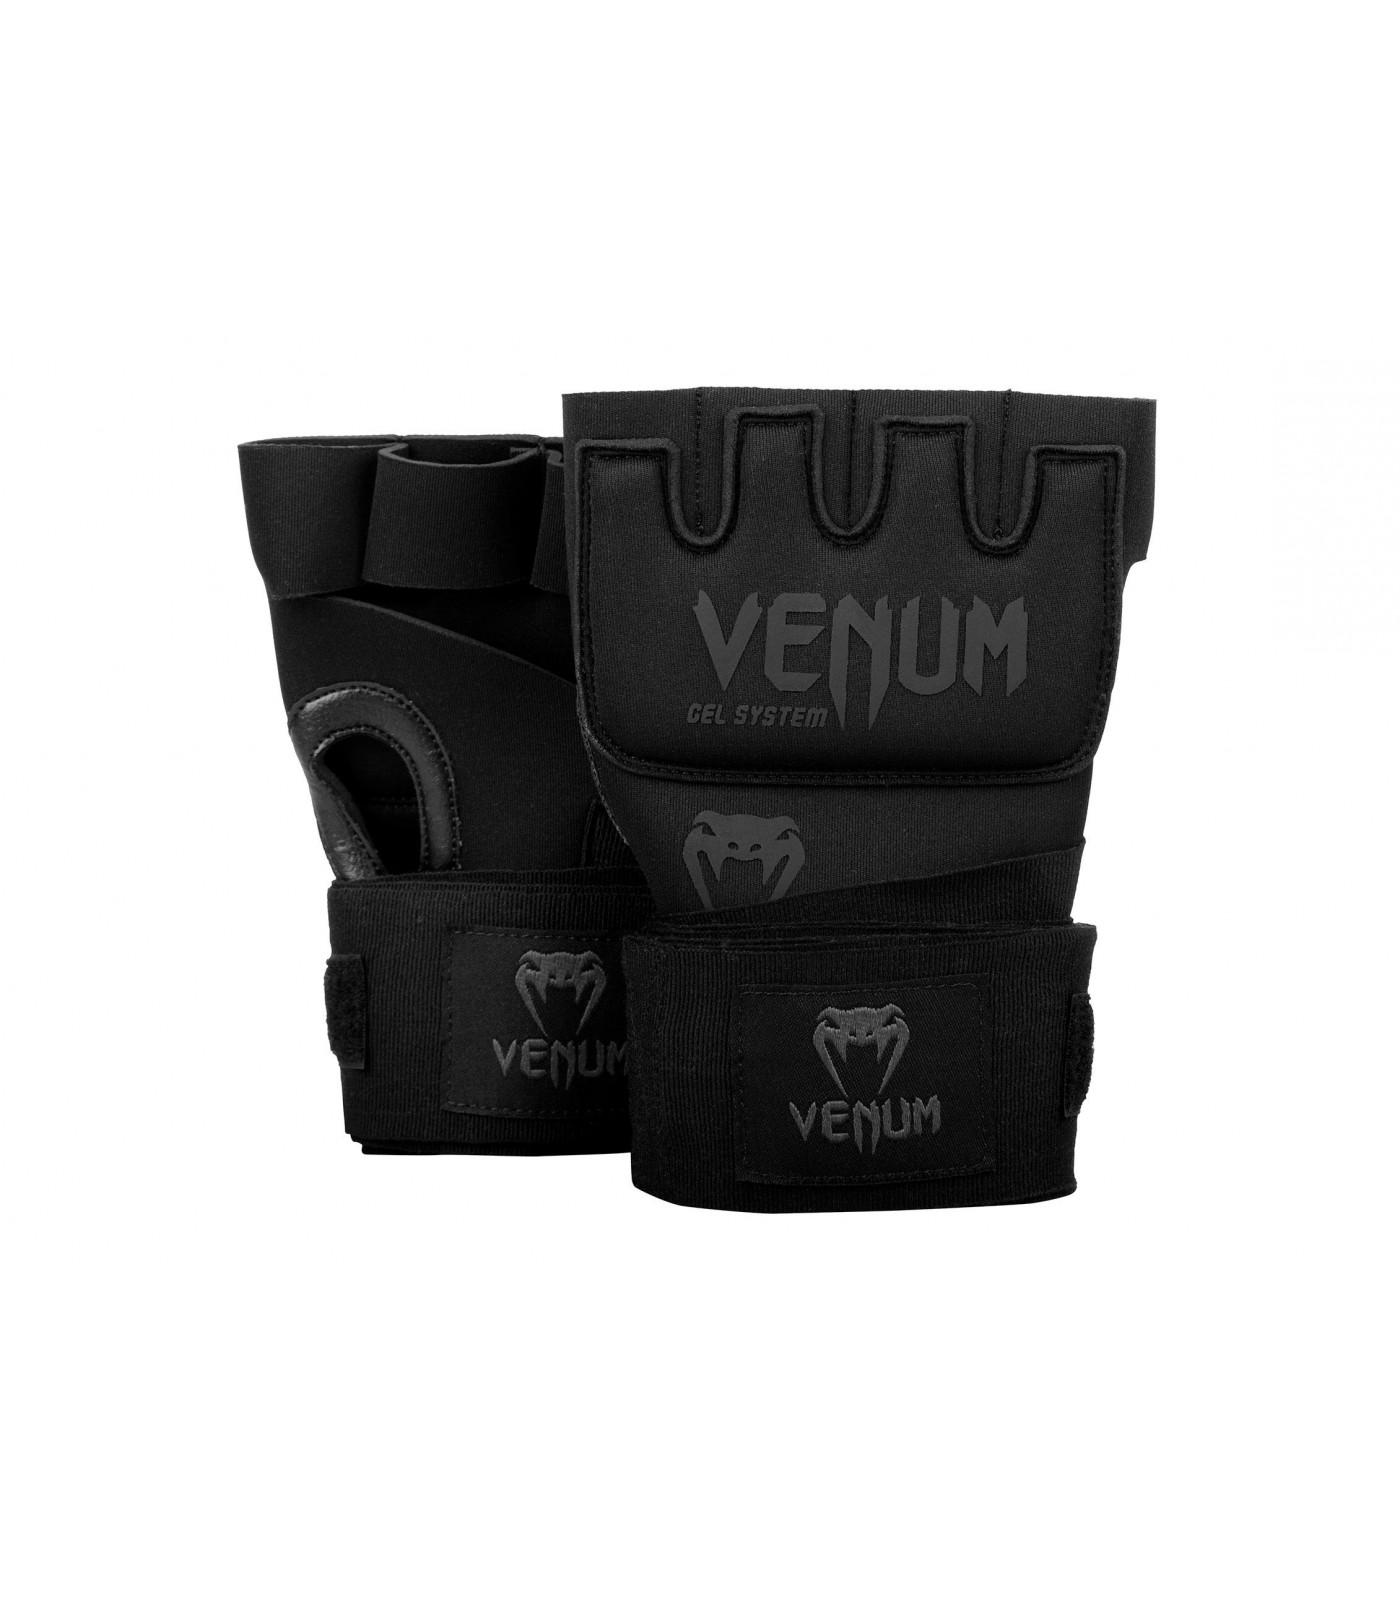 Вътрешни Ръкавици за Боксови Ръкавици -Venum Kontact Gel Glove Wraps-Black/Black